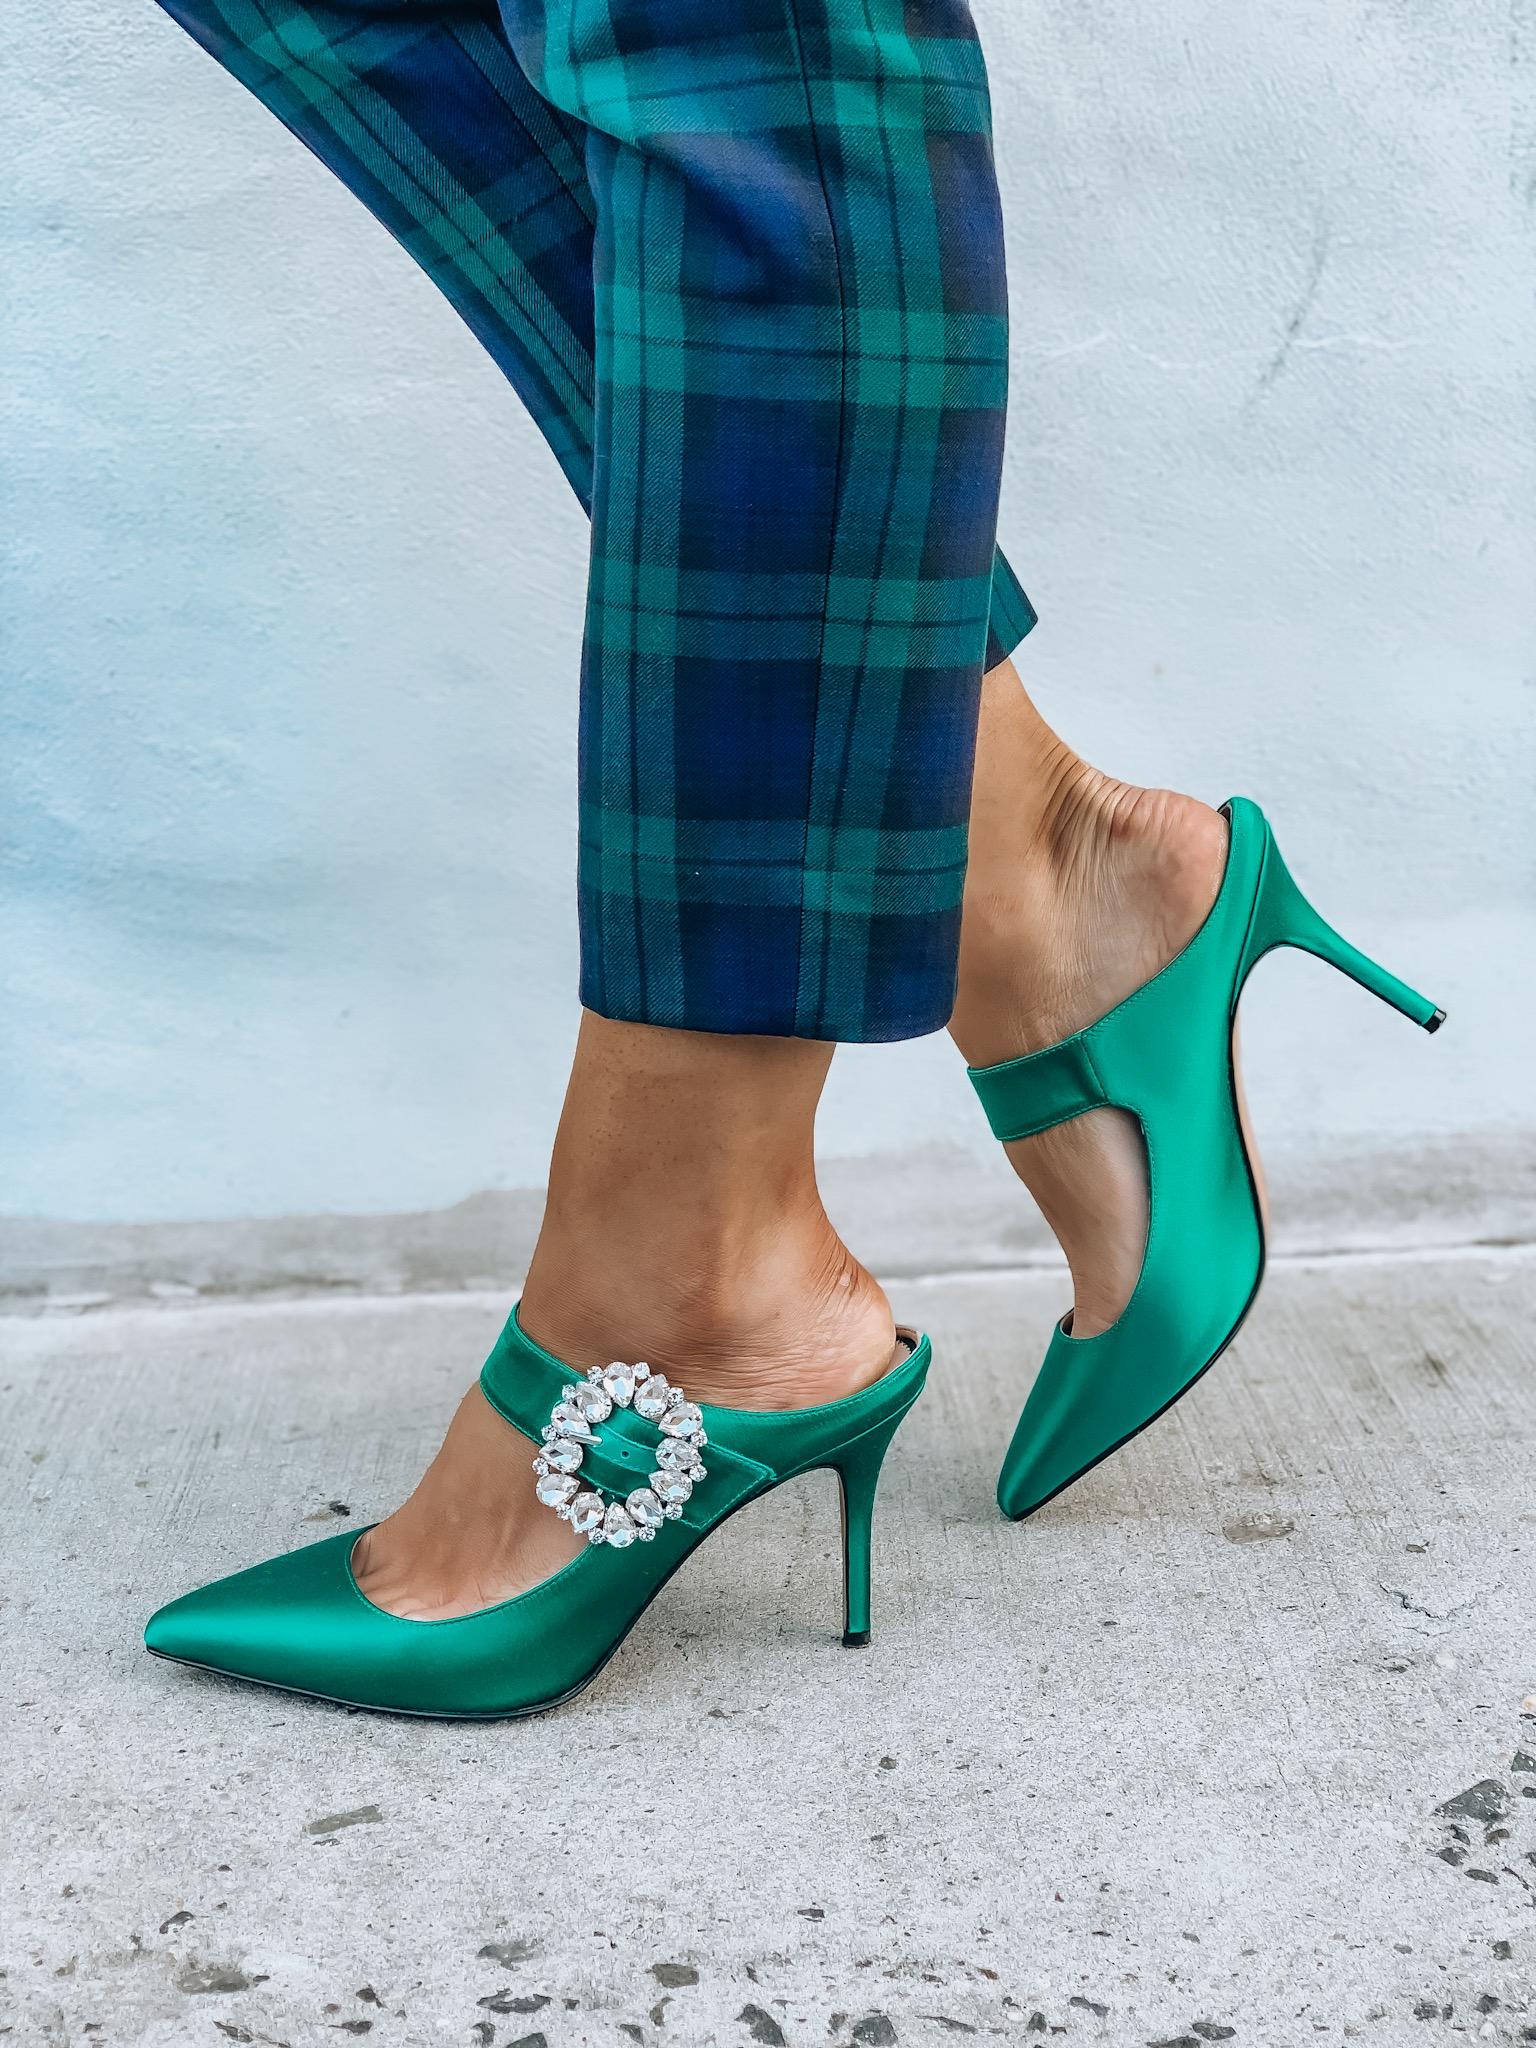 J.Crew MaryJane heels